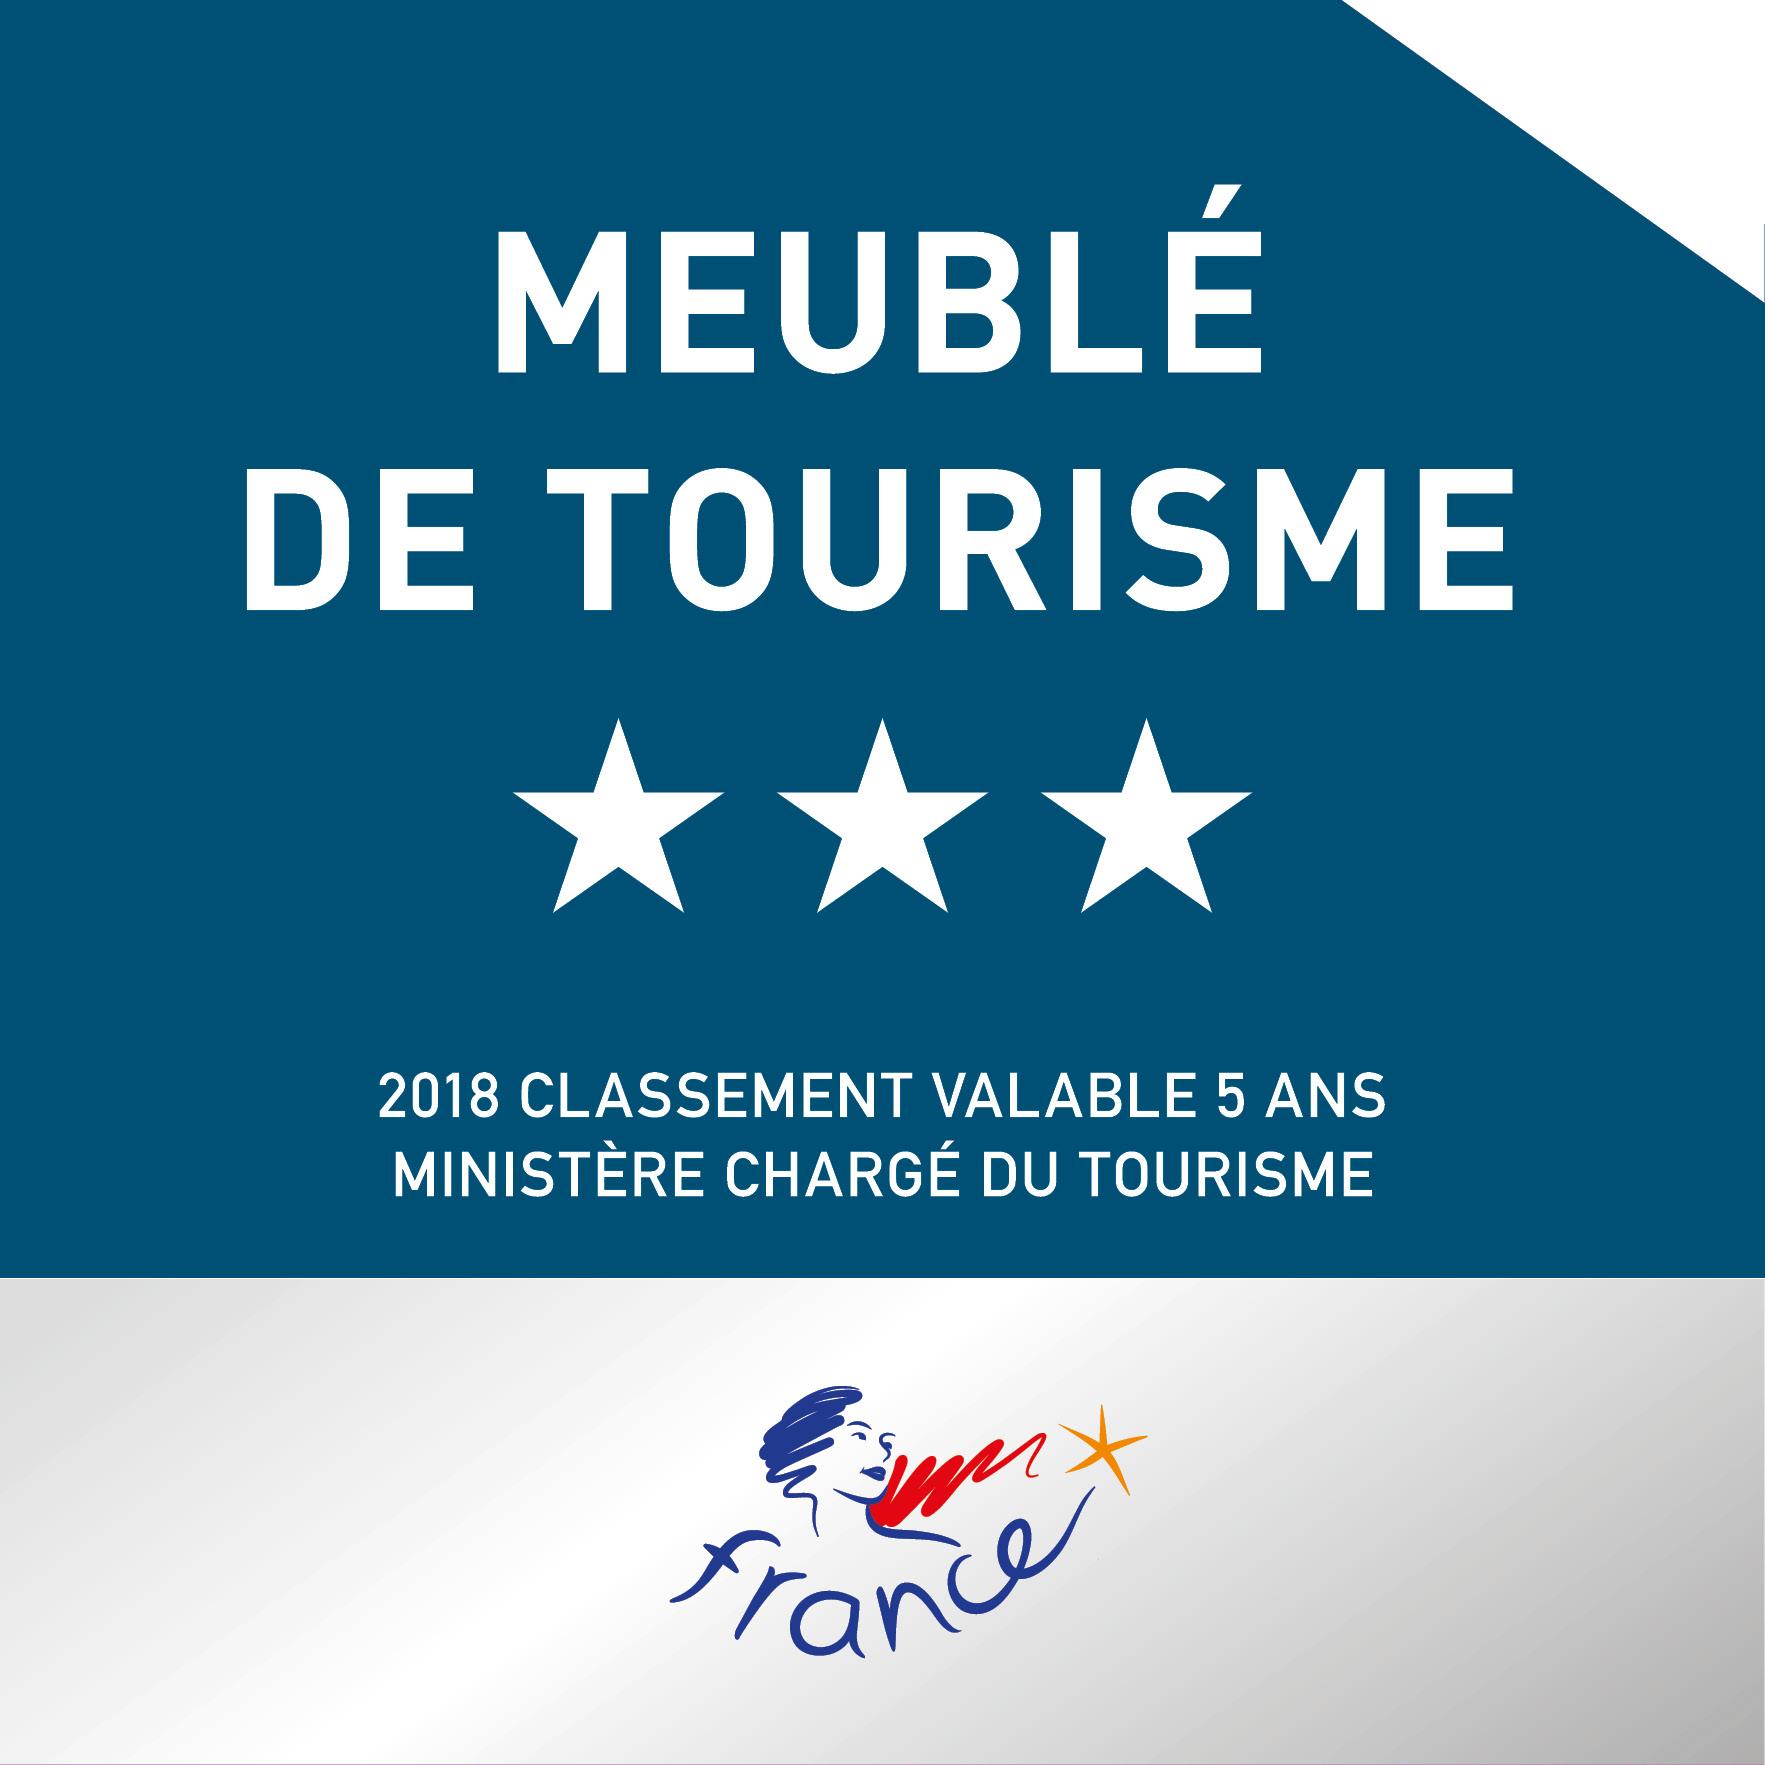 Plaque Meuble tourisme 3 étoiles2018